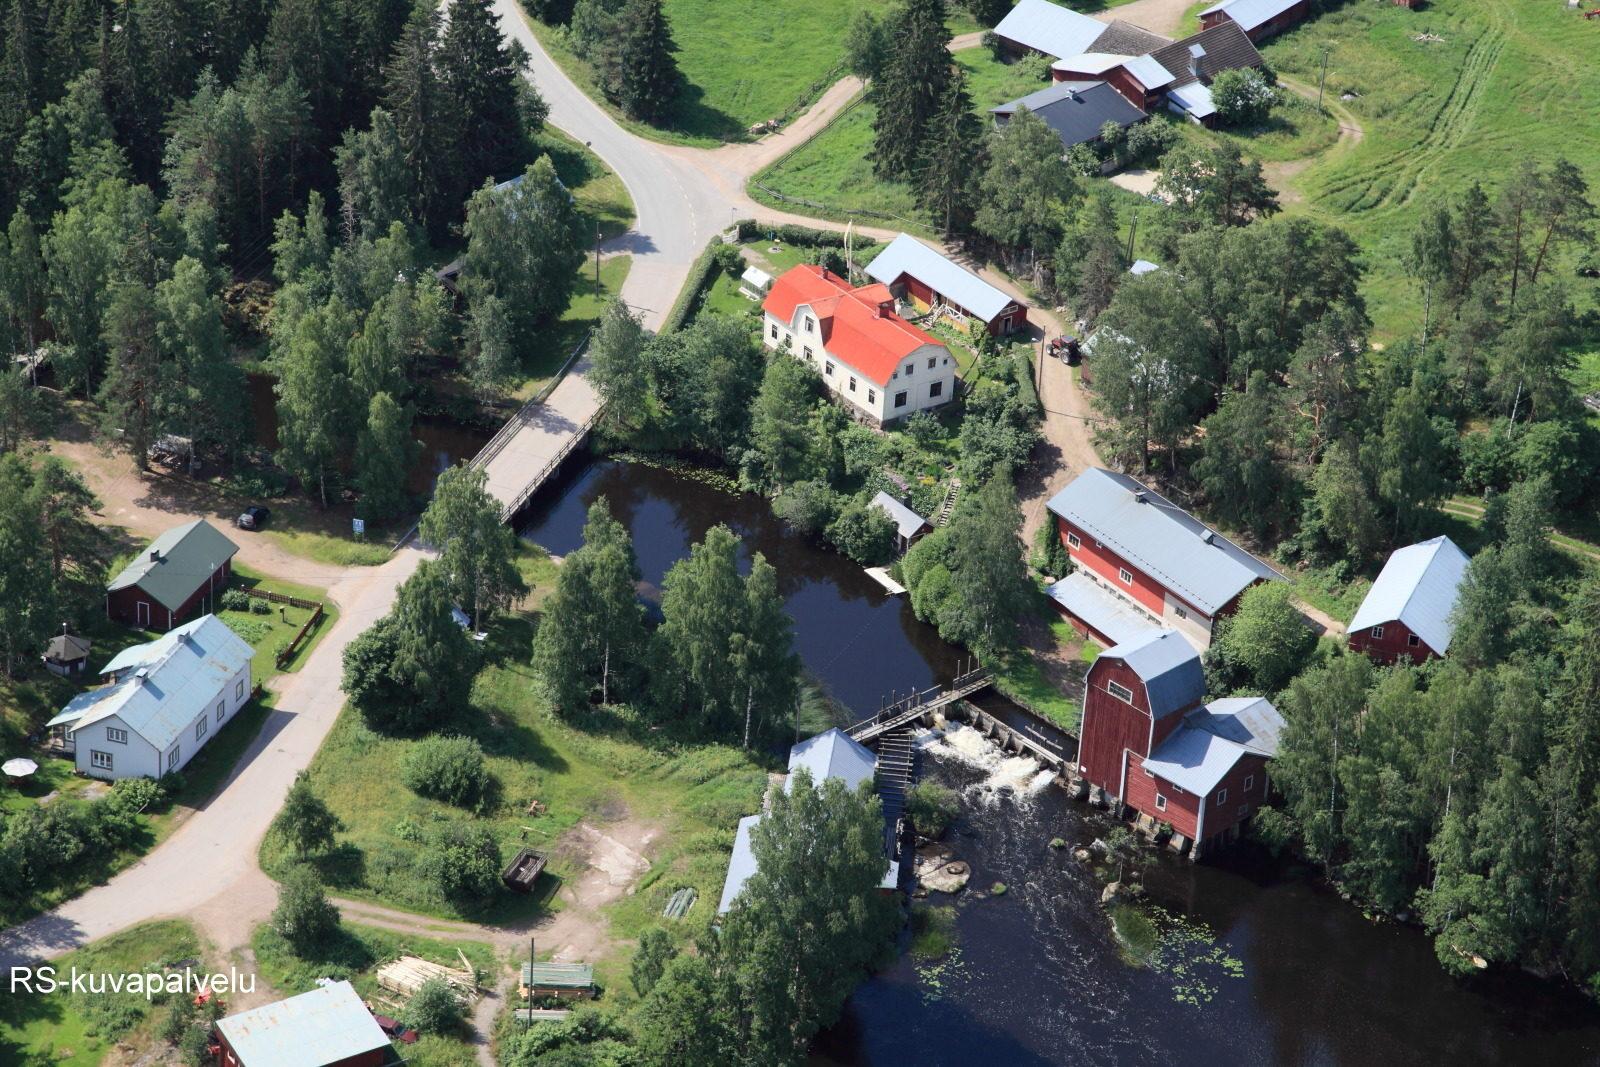 Kannuskosken kylä